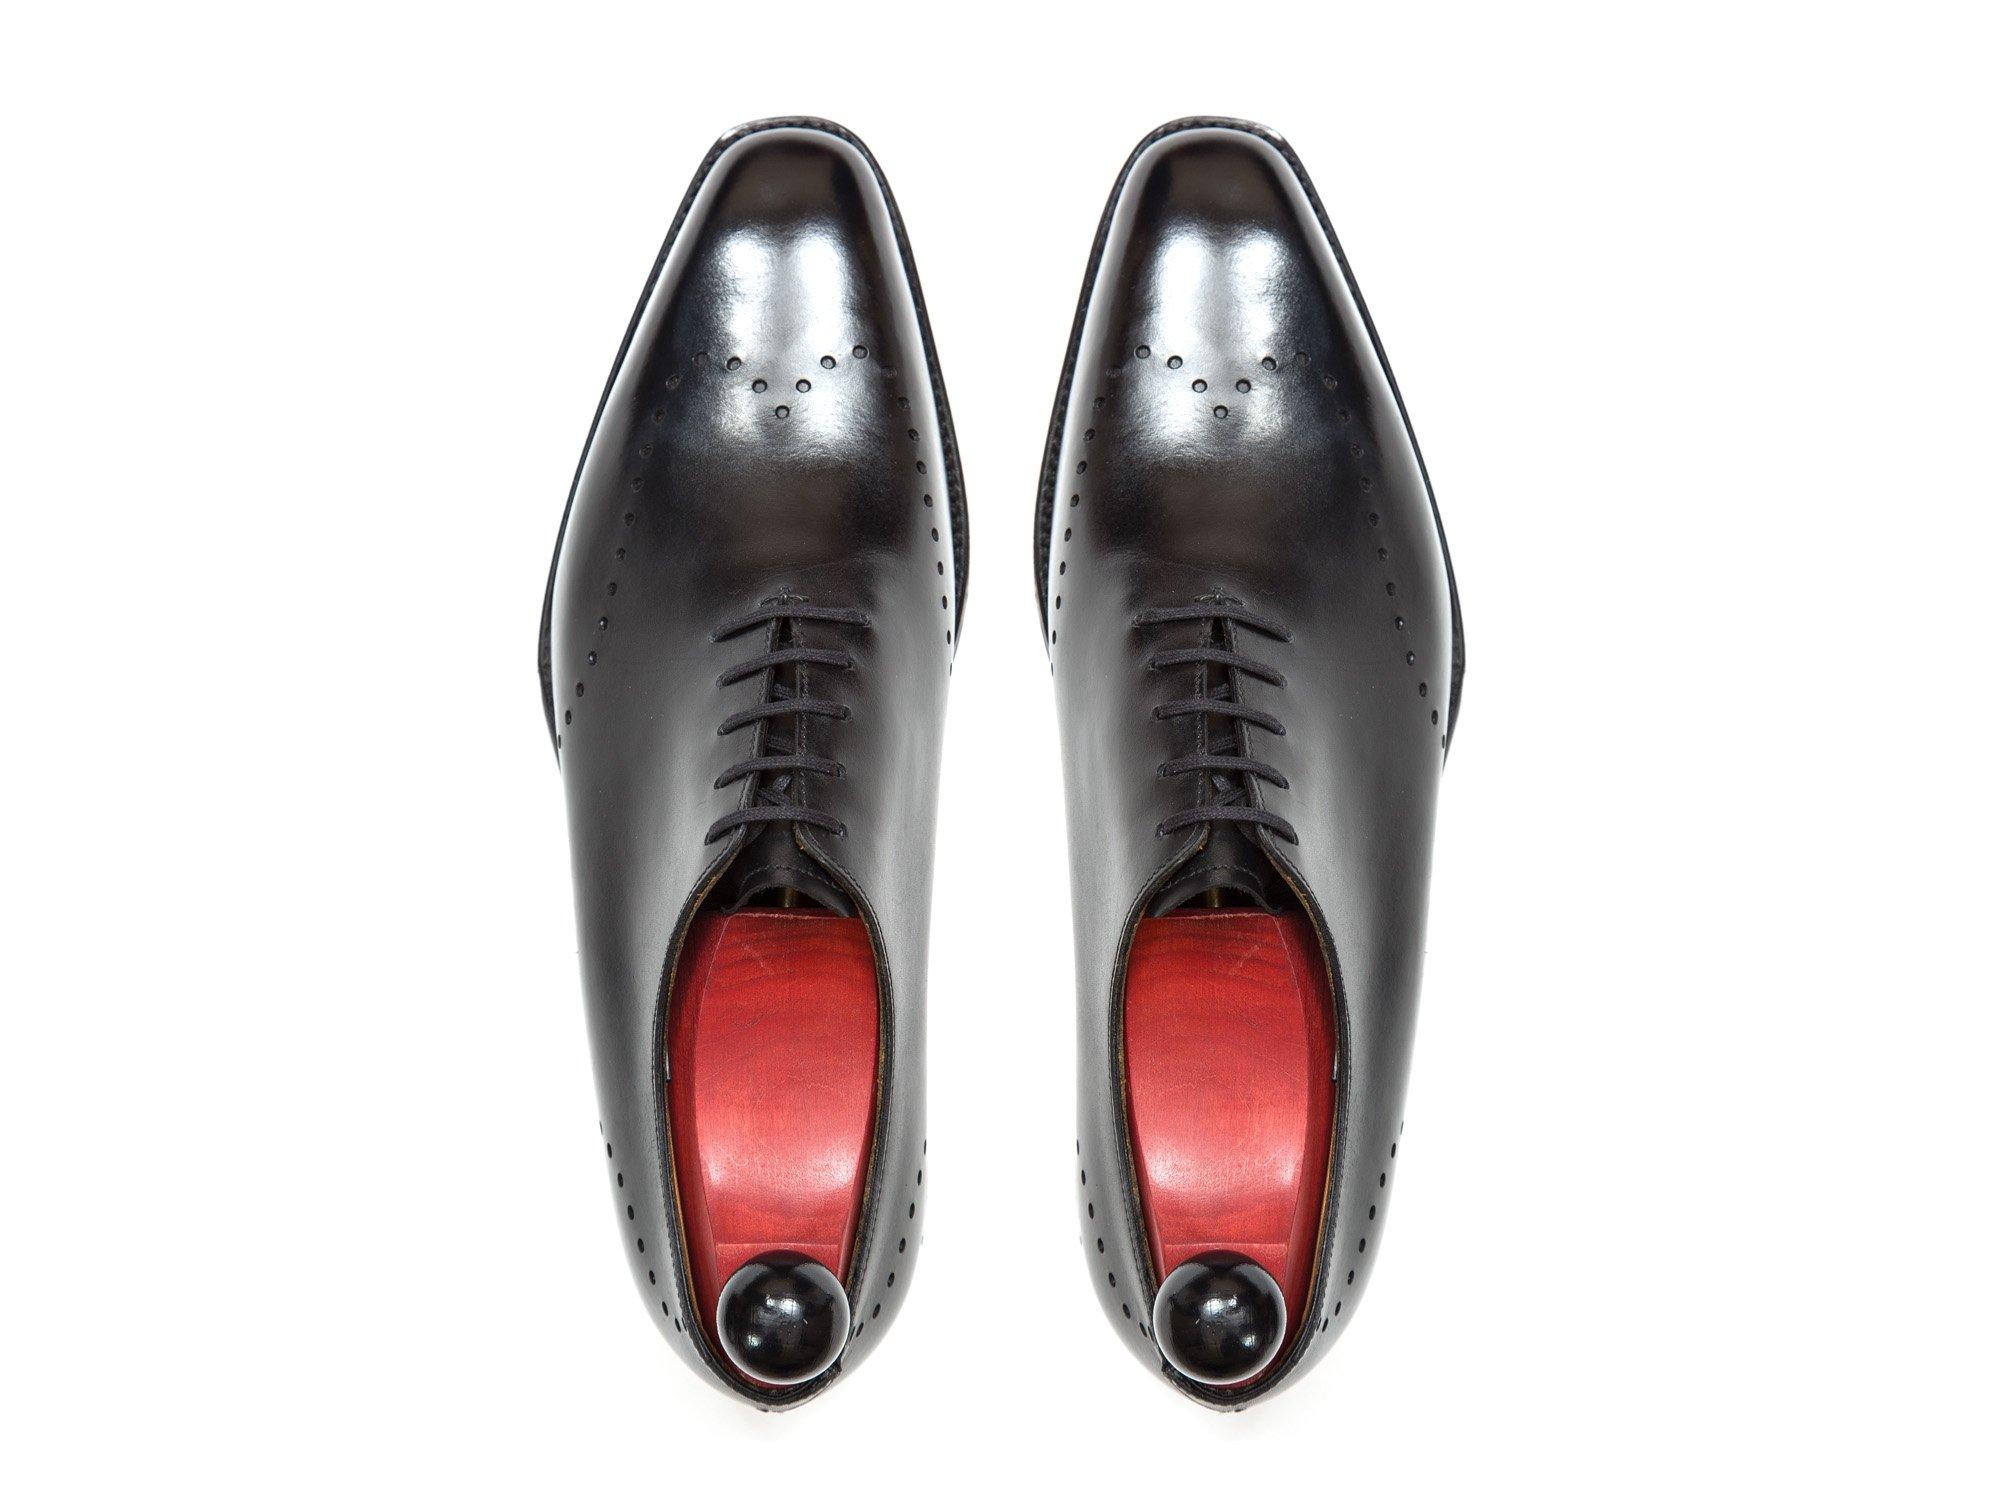 J.FitzPatrick Footwear LPB Last